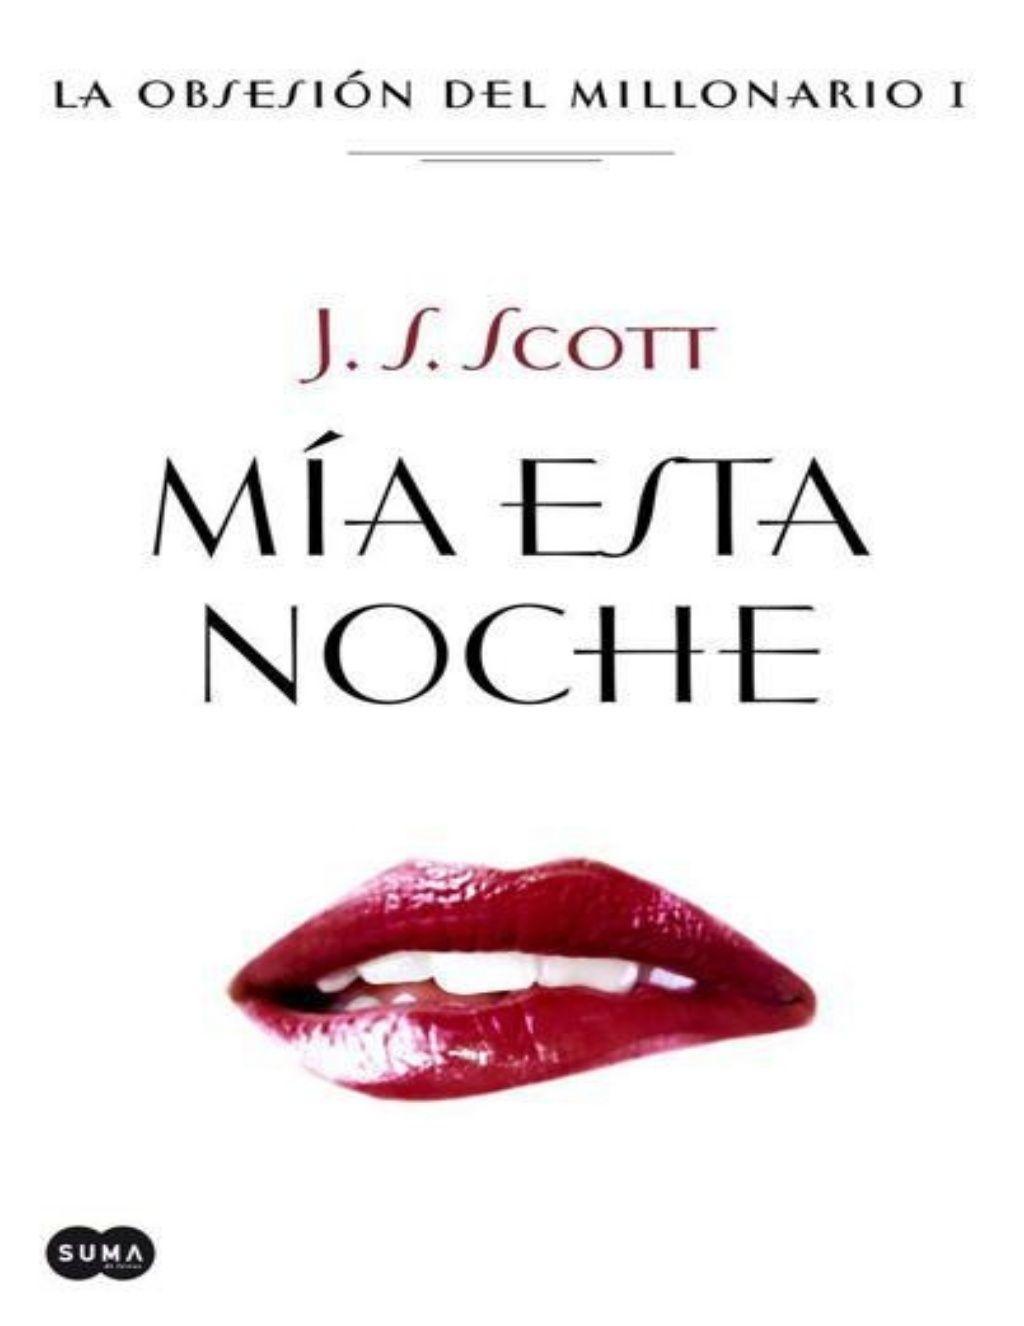 Descargar Libro La Obsesion Del Millonario La Obsesion Del Millonario 01 Mia Esta Noche By Cecy Ake Via